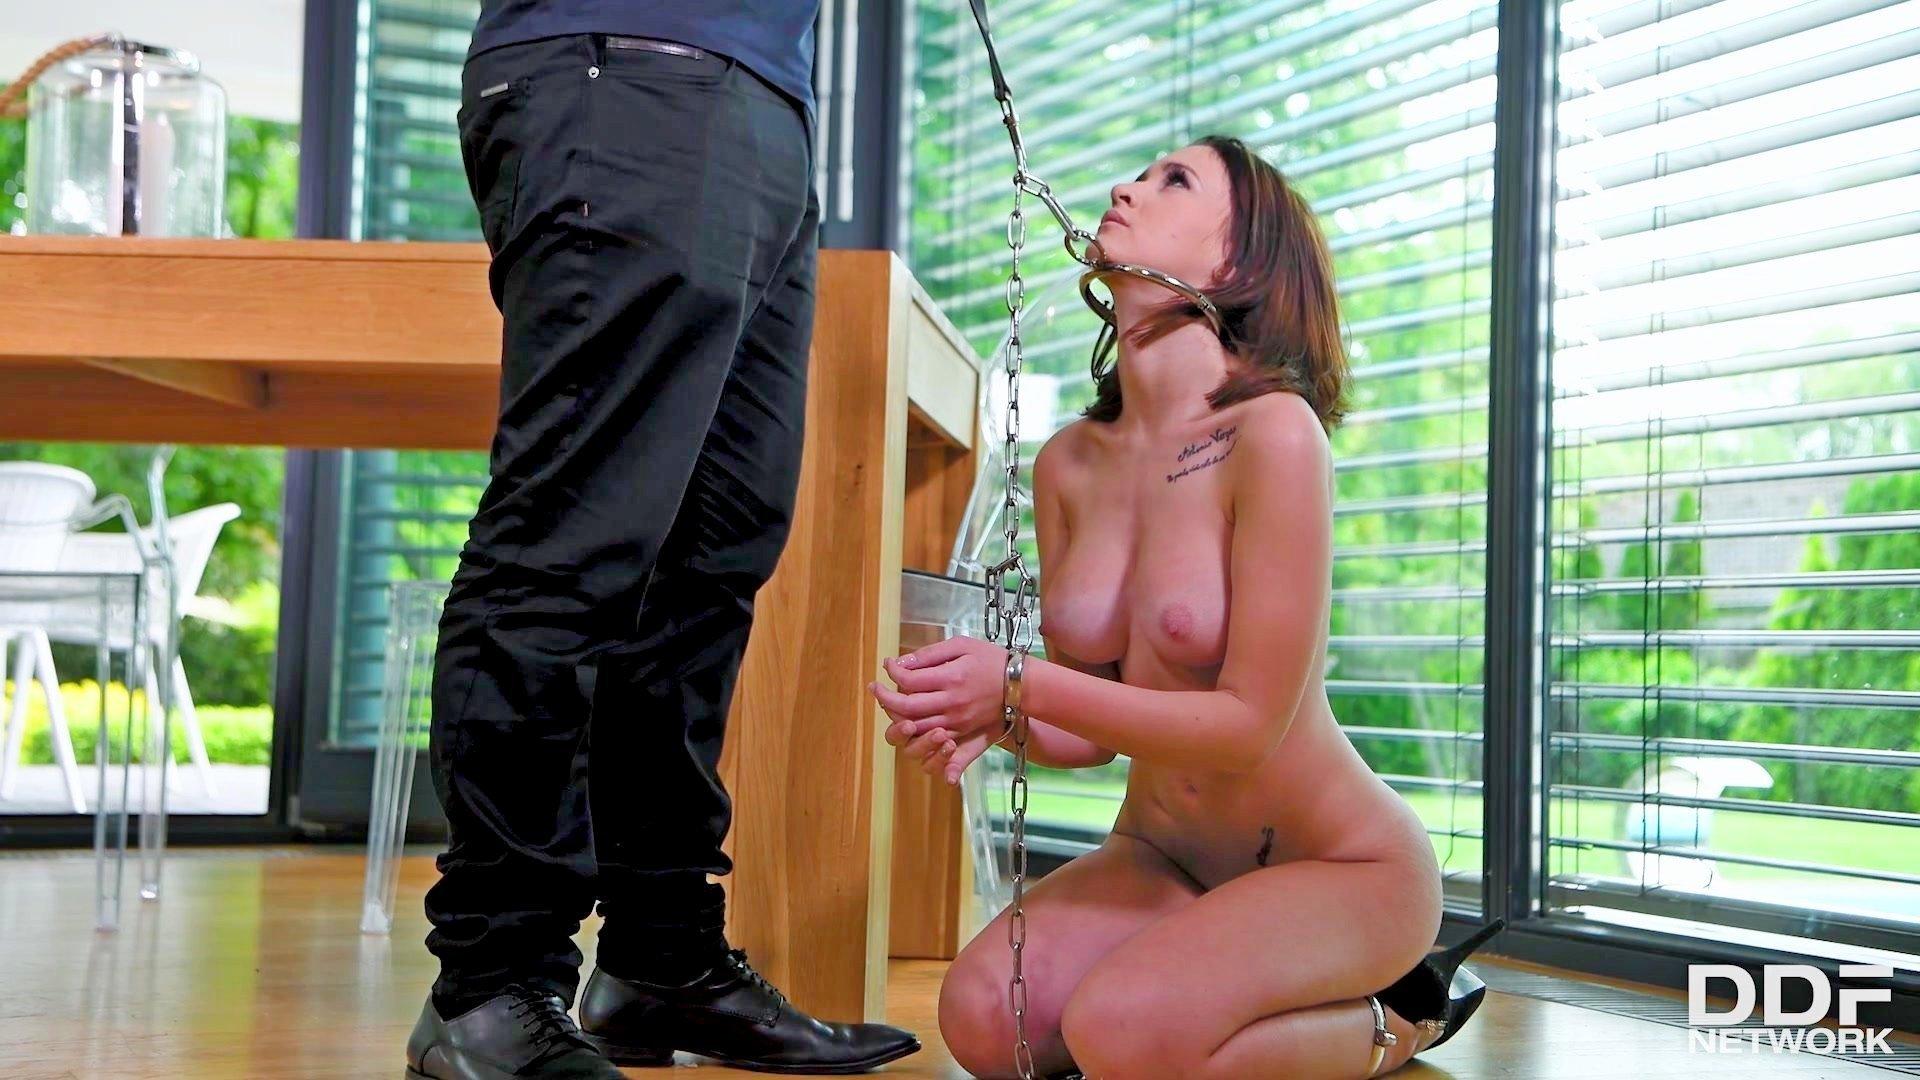 Покорная сексуальная рабыня порно ролики онлайн